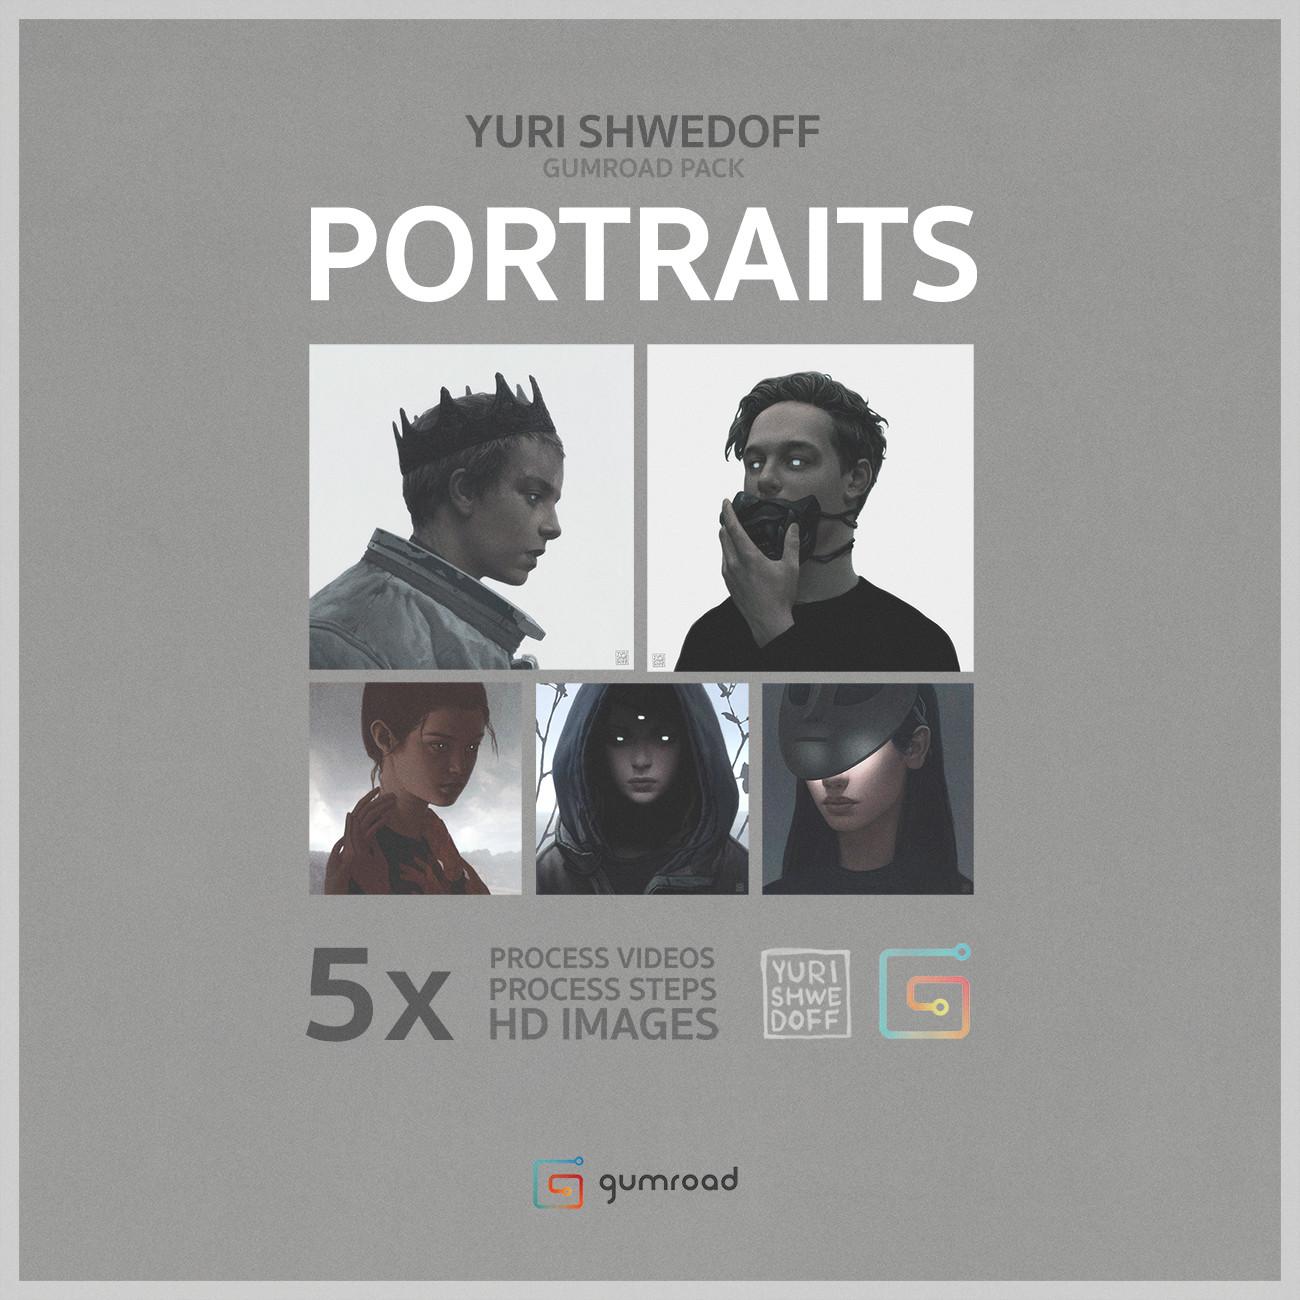 Yuri shwedoff cover